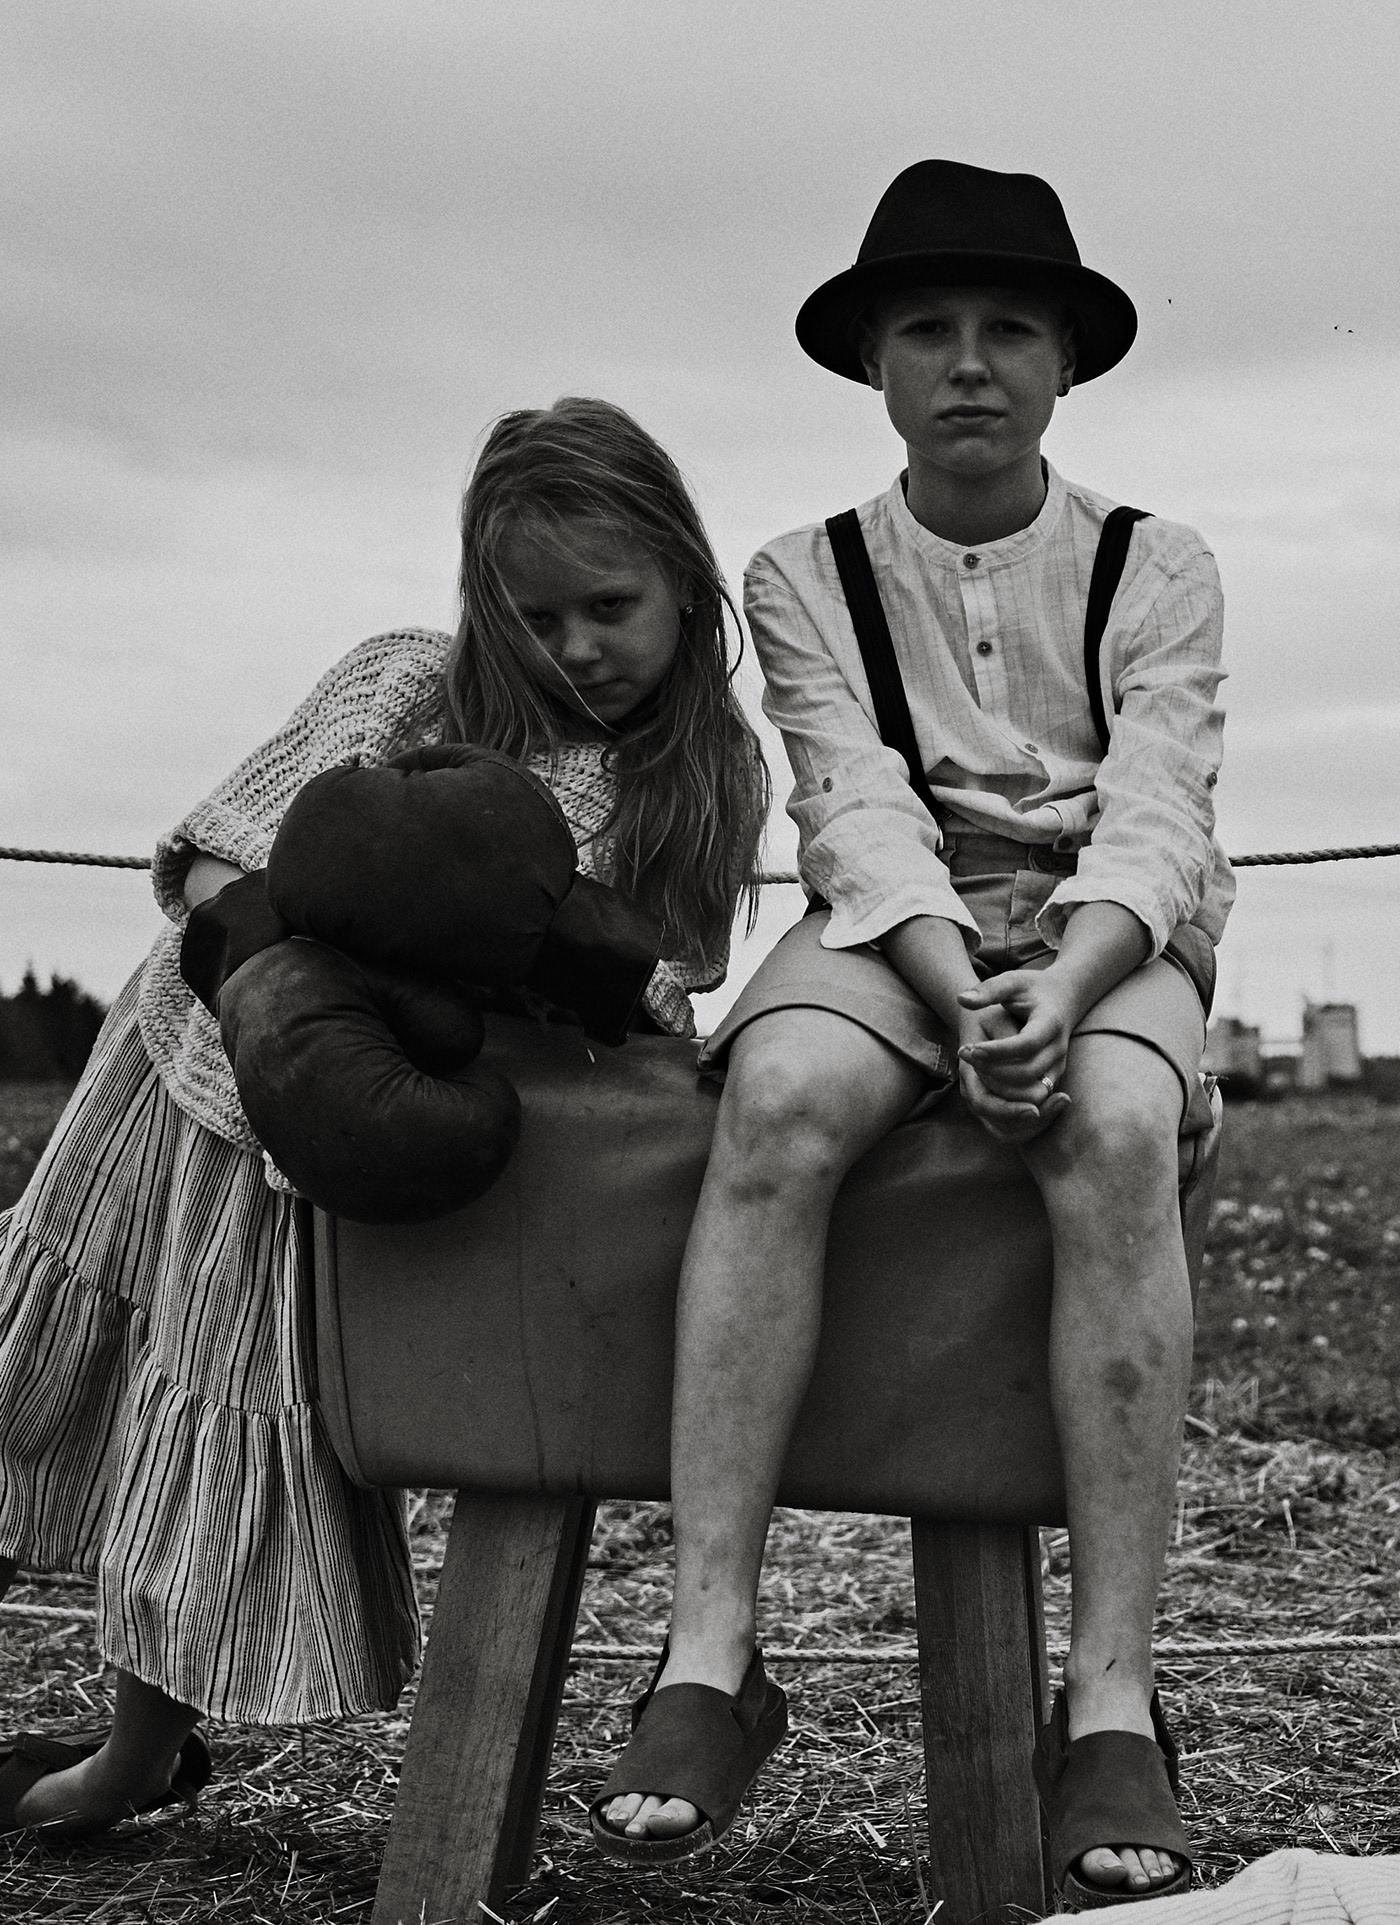 Bare Knuckle /фото Igor Novikov